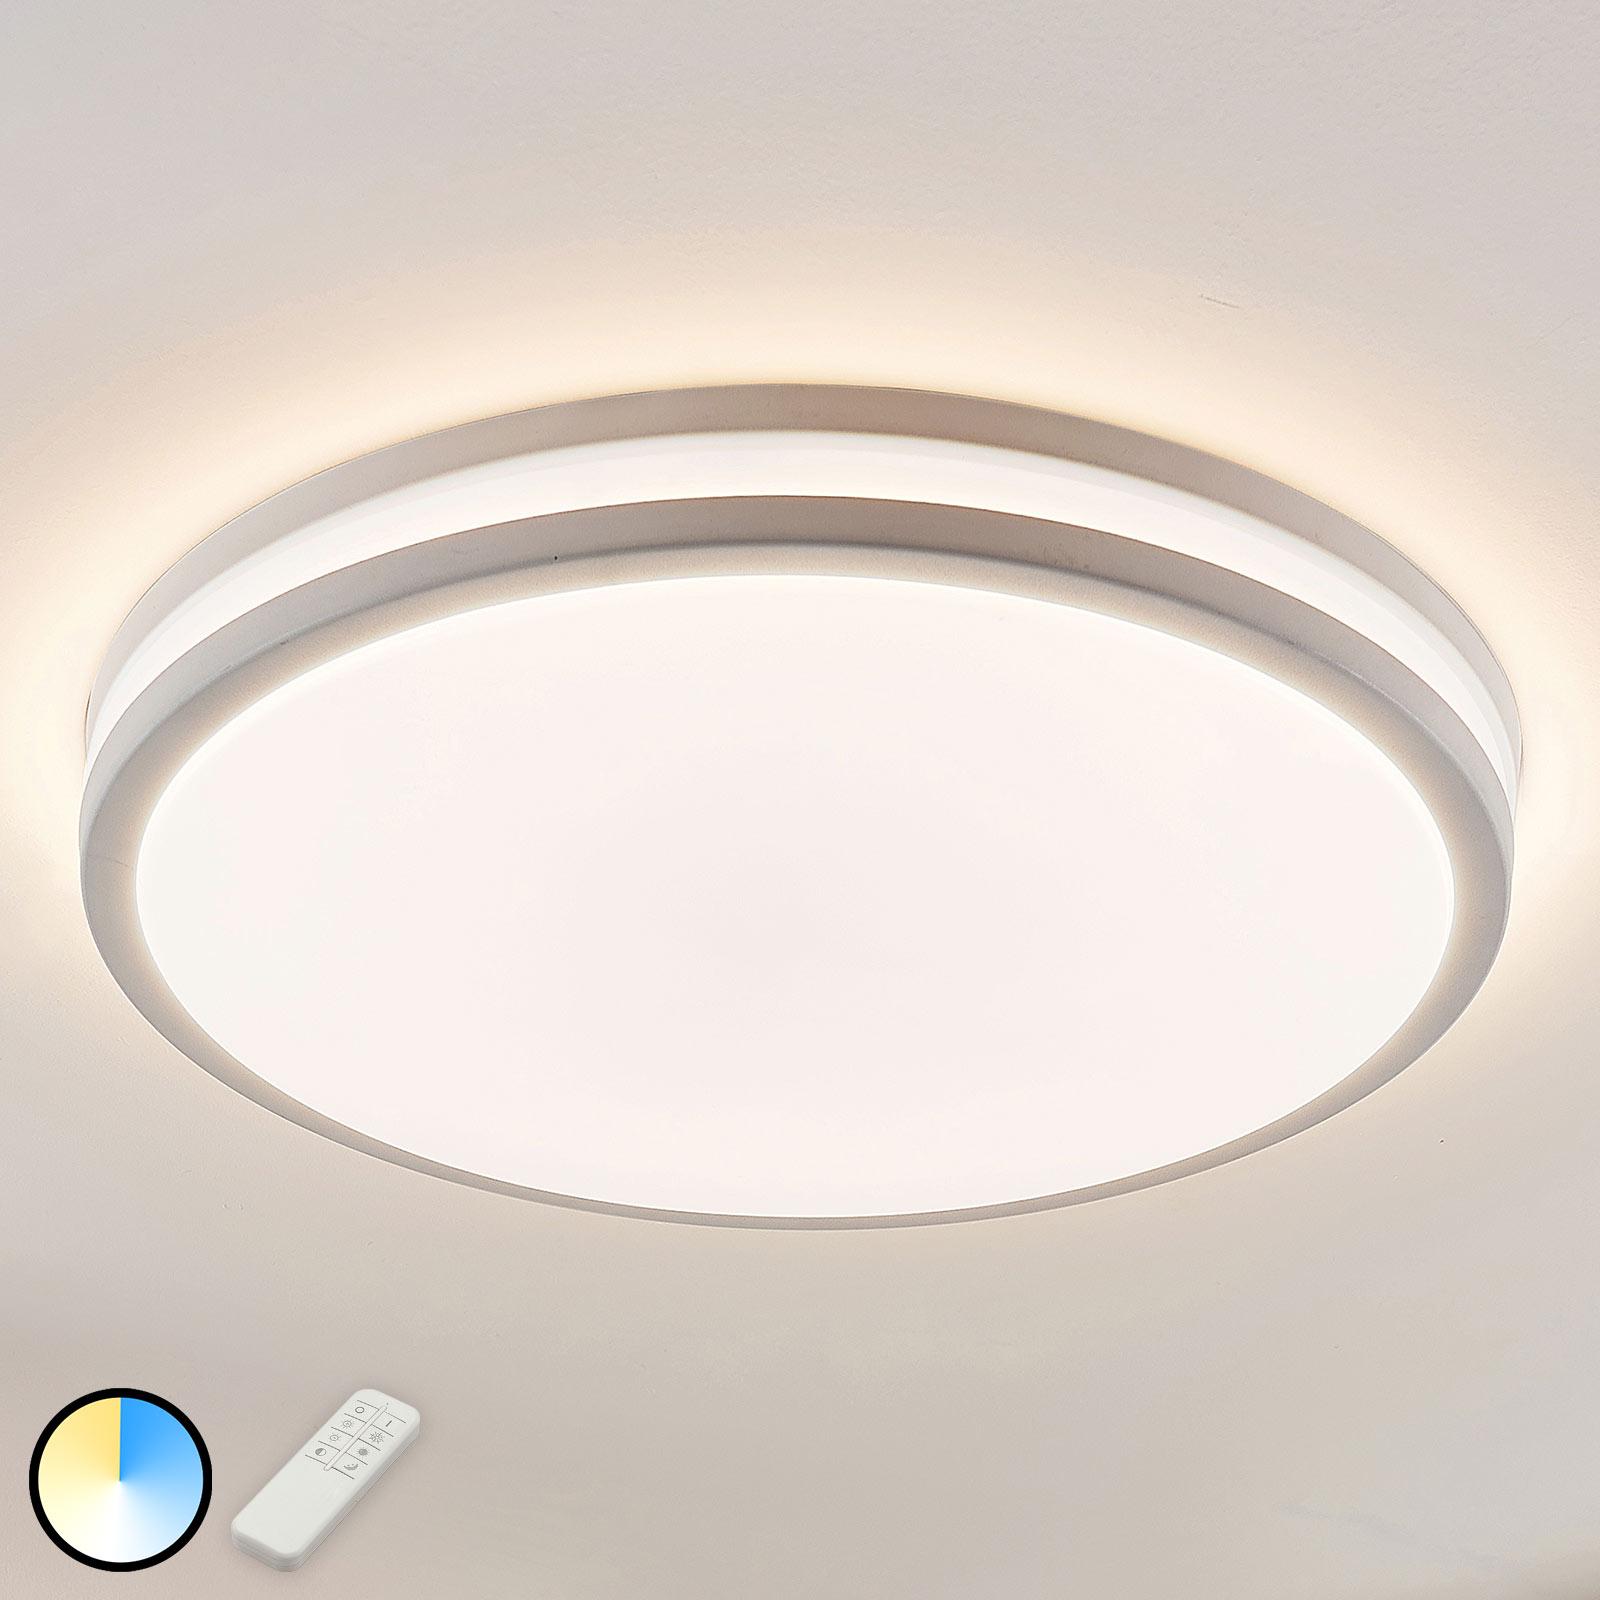 LED plafondlamp Armin in wit, ronde vorm